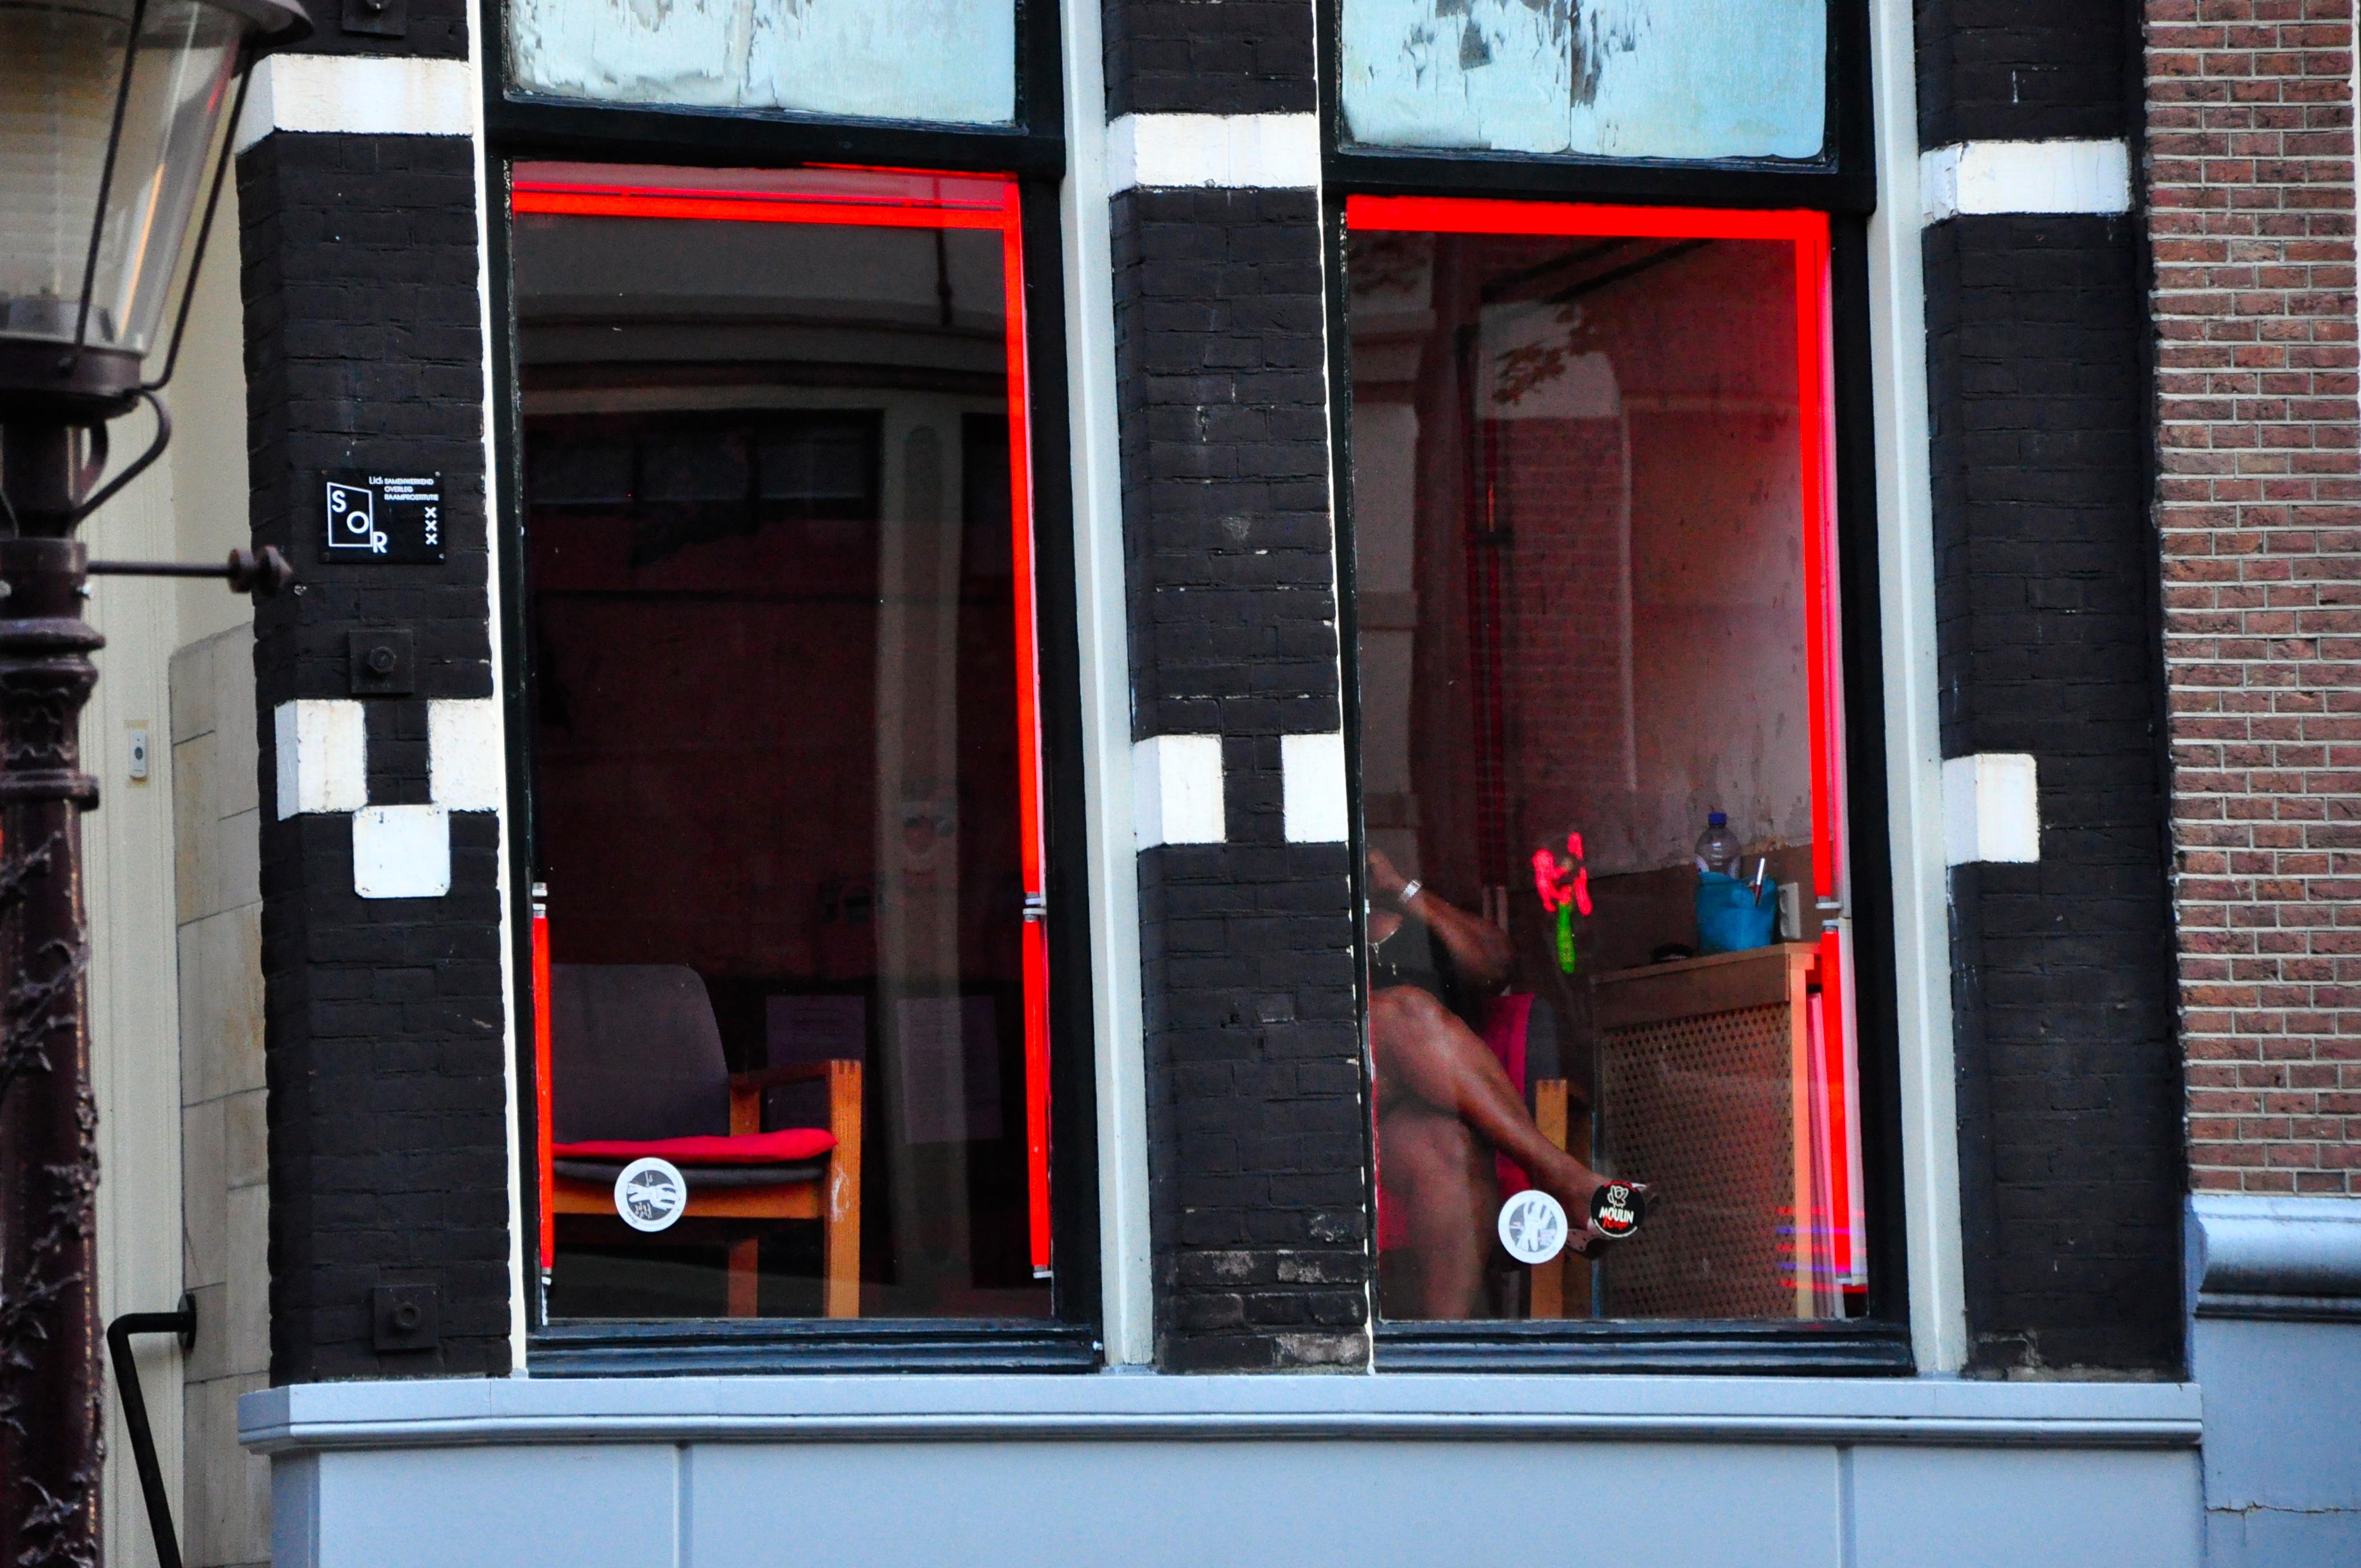 consumo de drogas en prostitutas escaparates prostitutas holanda